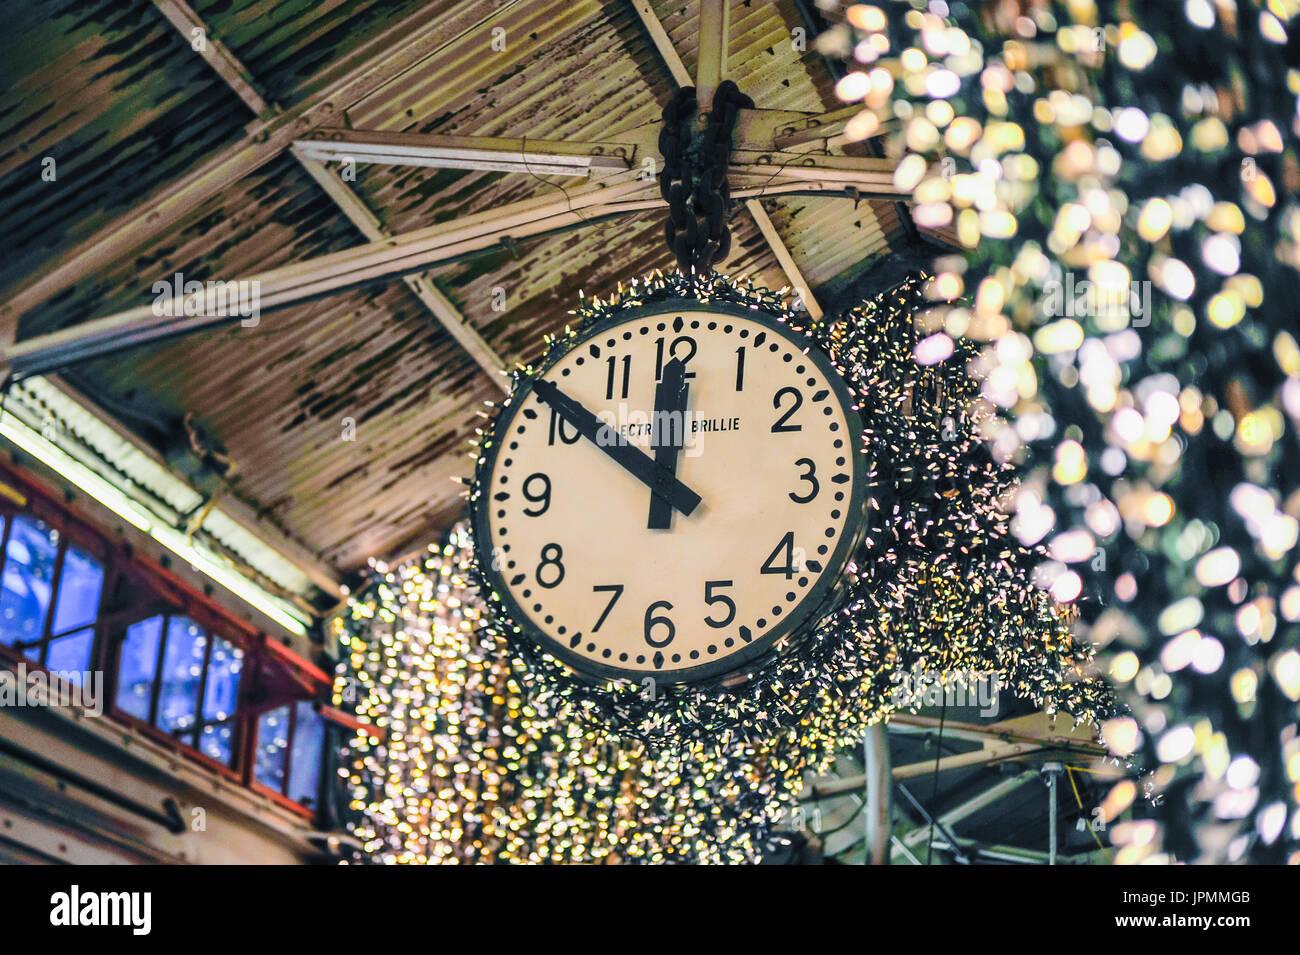 Very Antique Clocks Stock Photos & Antique Clocks Stock Images - Alamy HV97